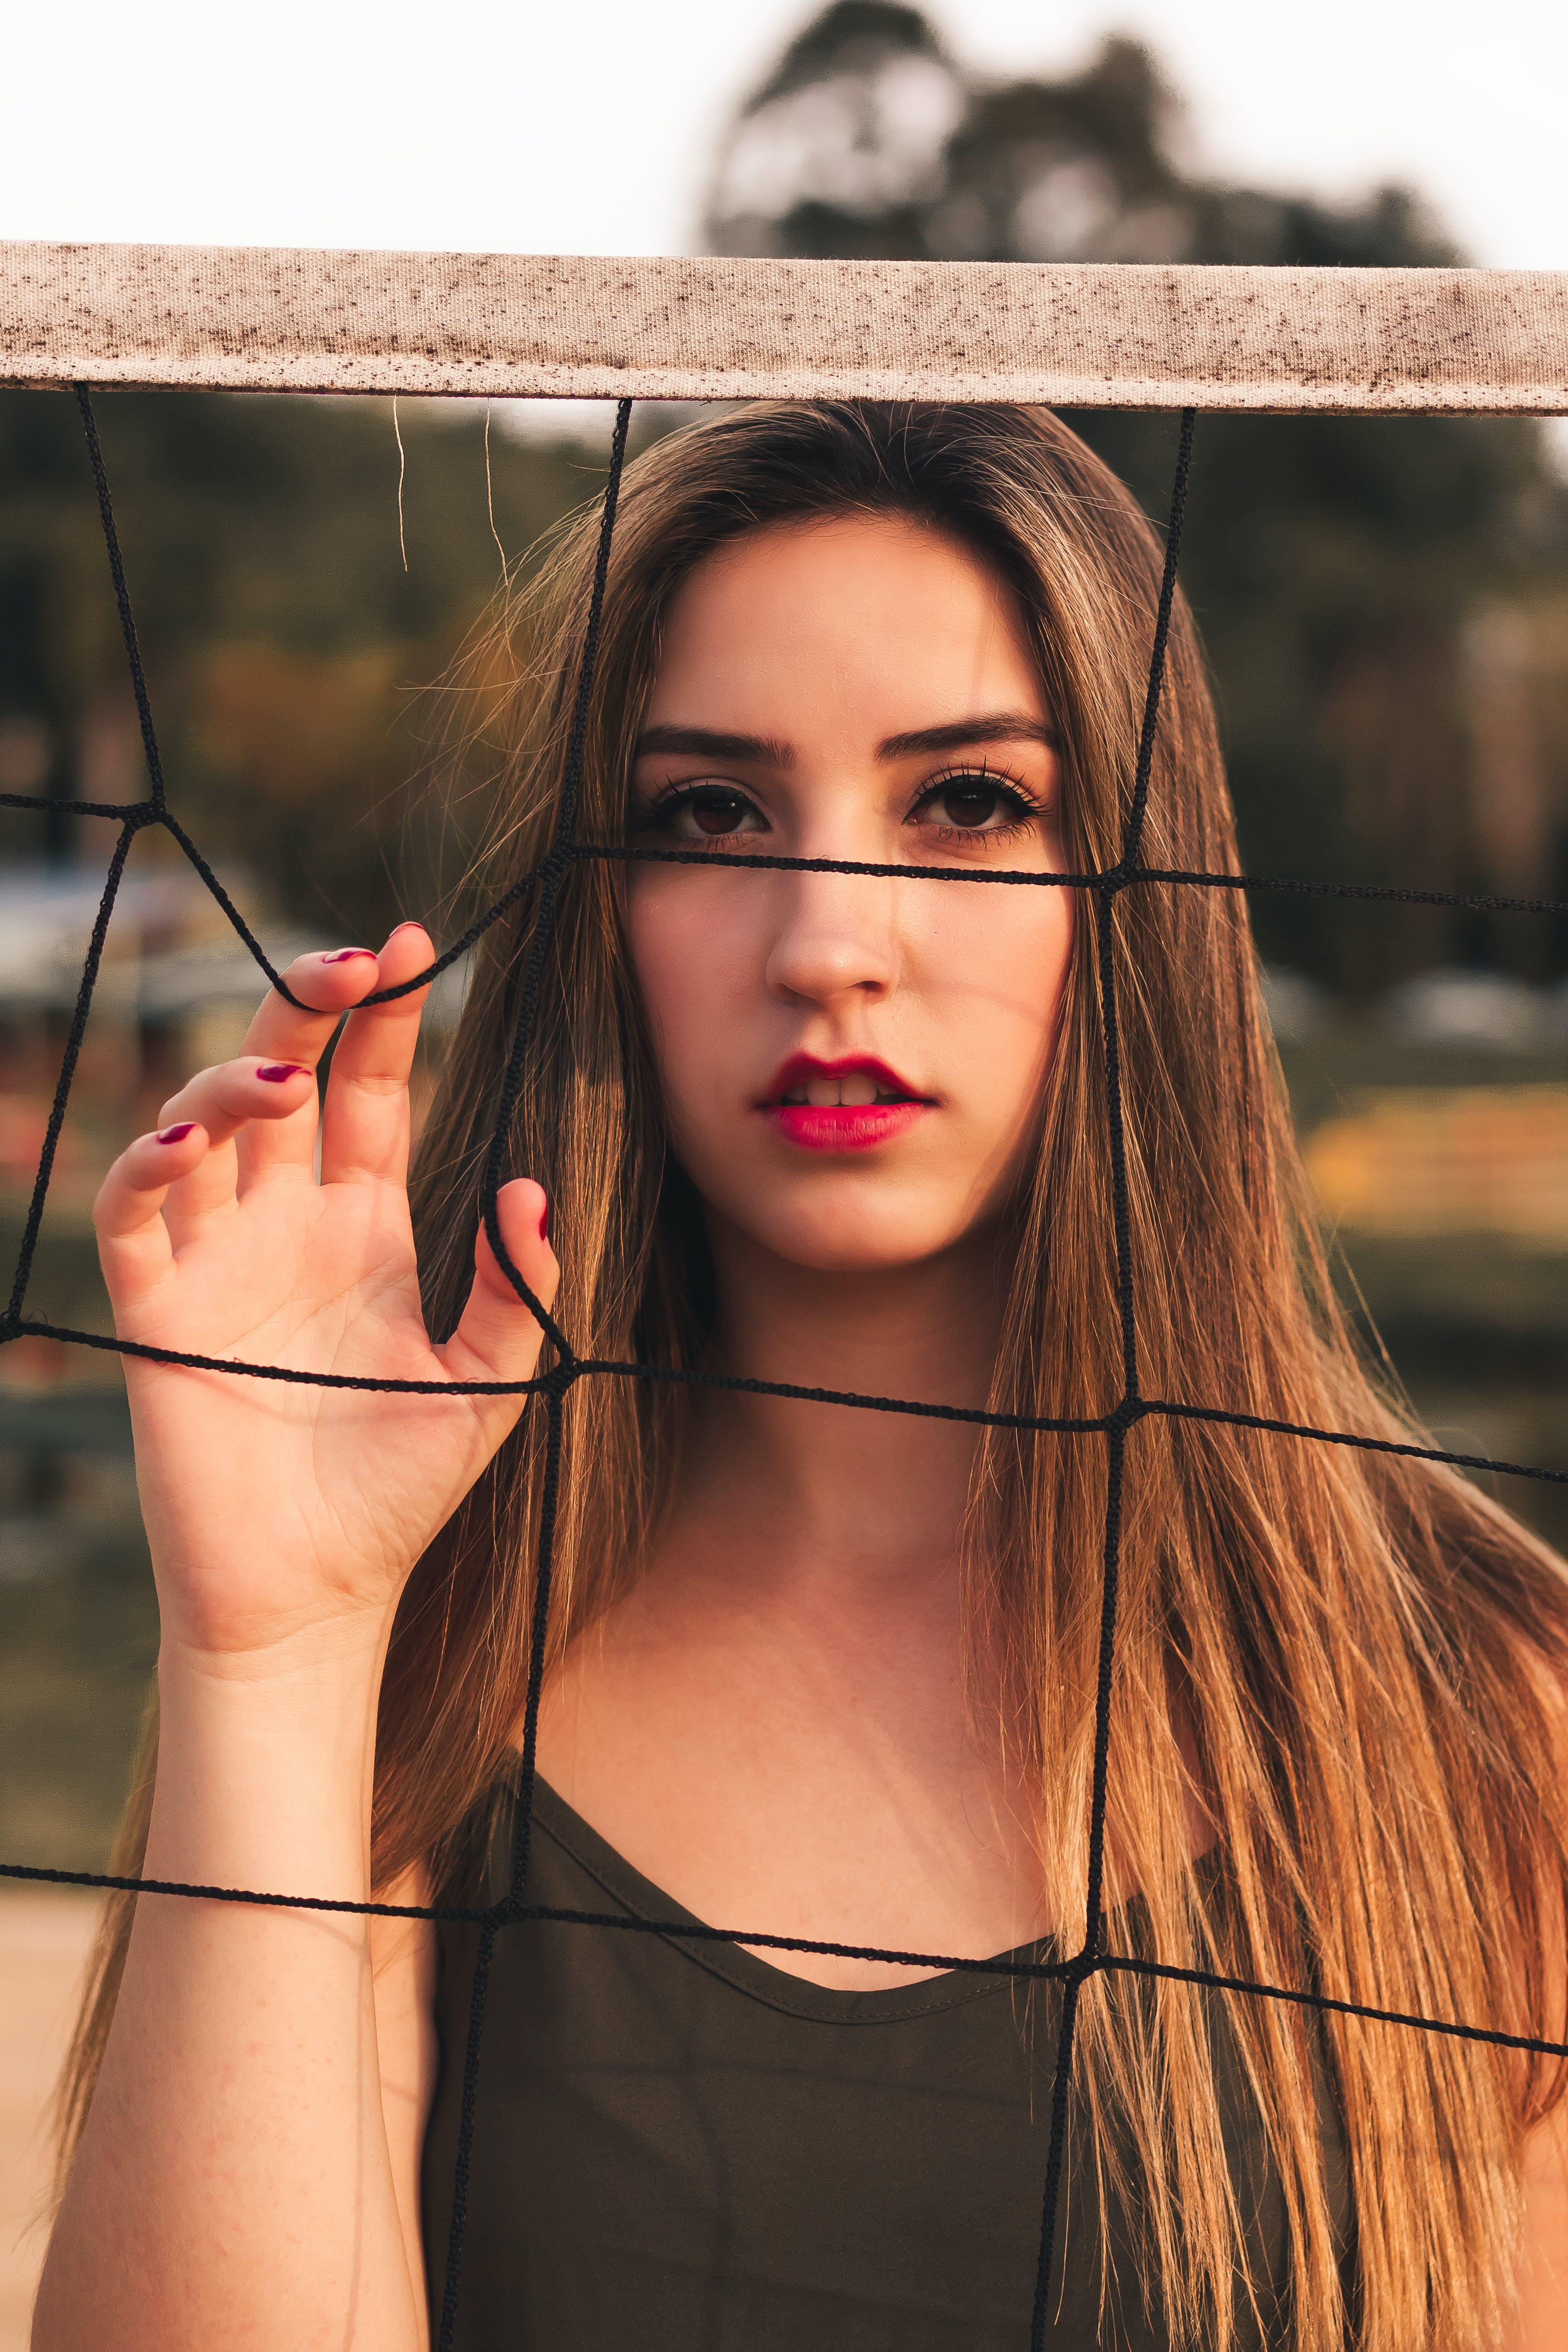 Kostenloses Stock Foto zu brünette, erwachsener, frau, hübsch